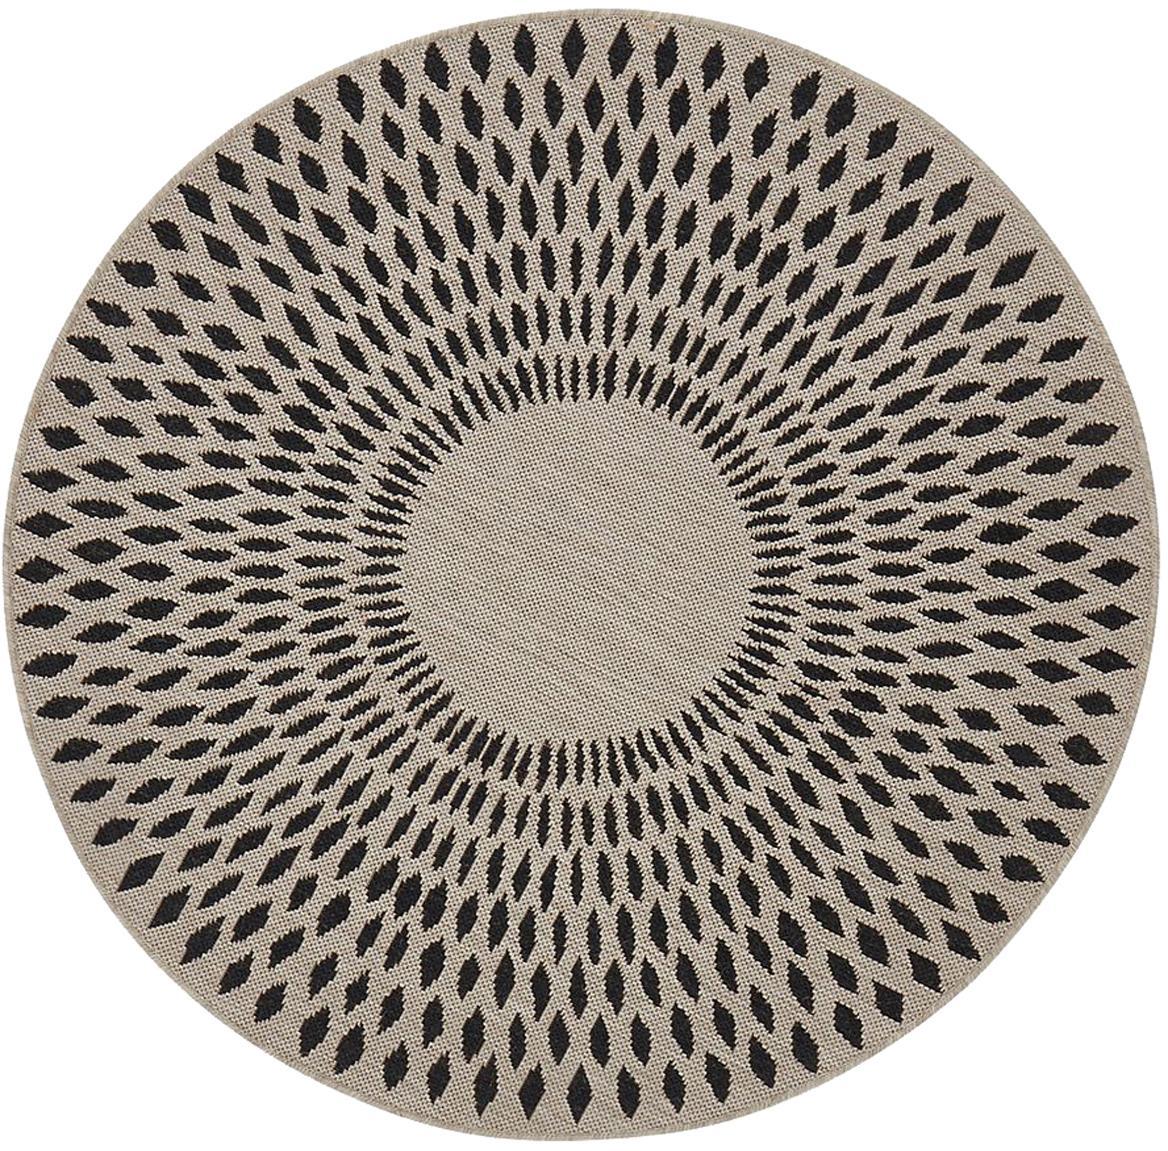 Runder In- & Outdoor-Teppich Agna, 90% Polypropylen, 10% Polyester, Sandfarben, Anthrazit, Ø 120 cm (Größe S)